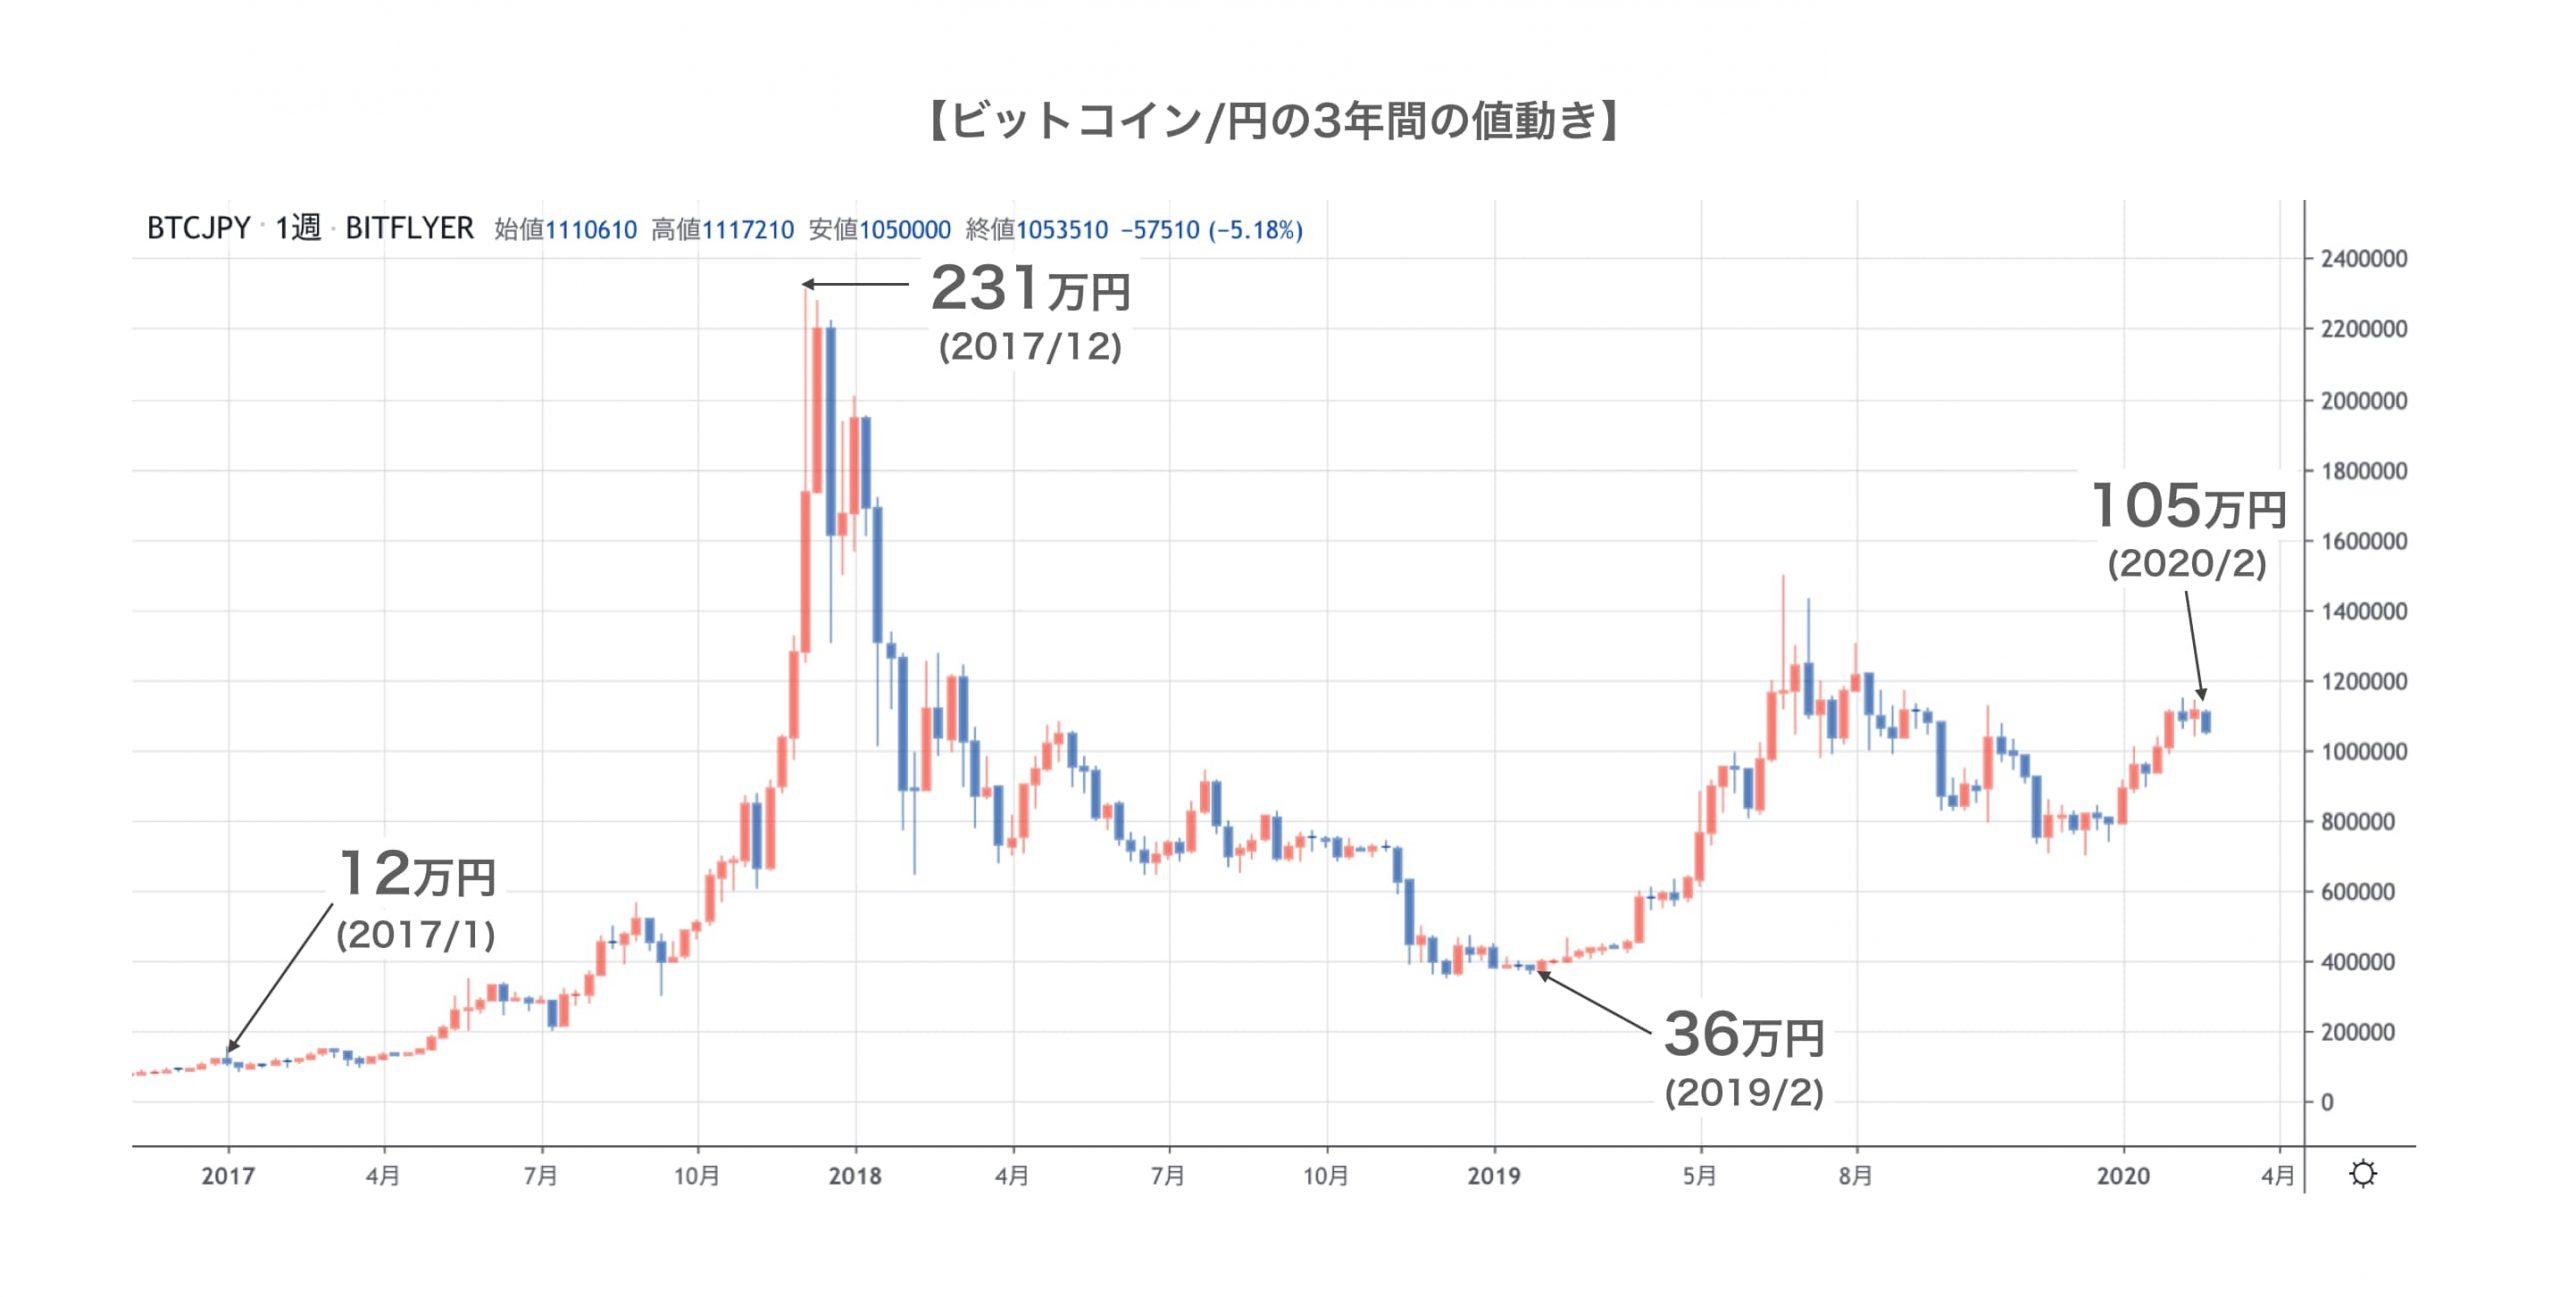 ビットコイン/円の3年間のチャート